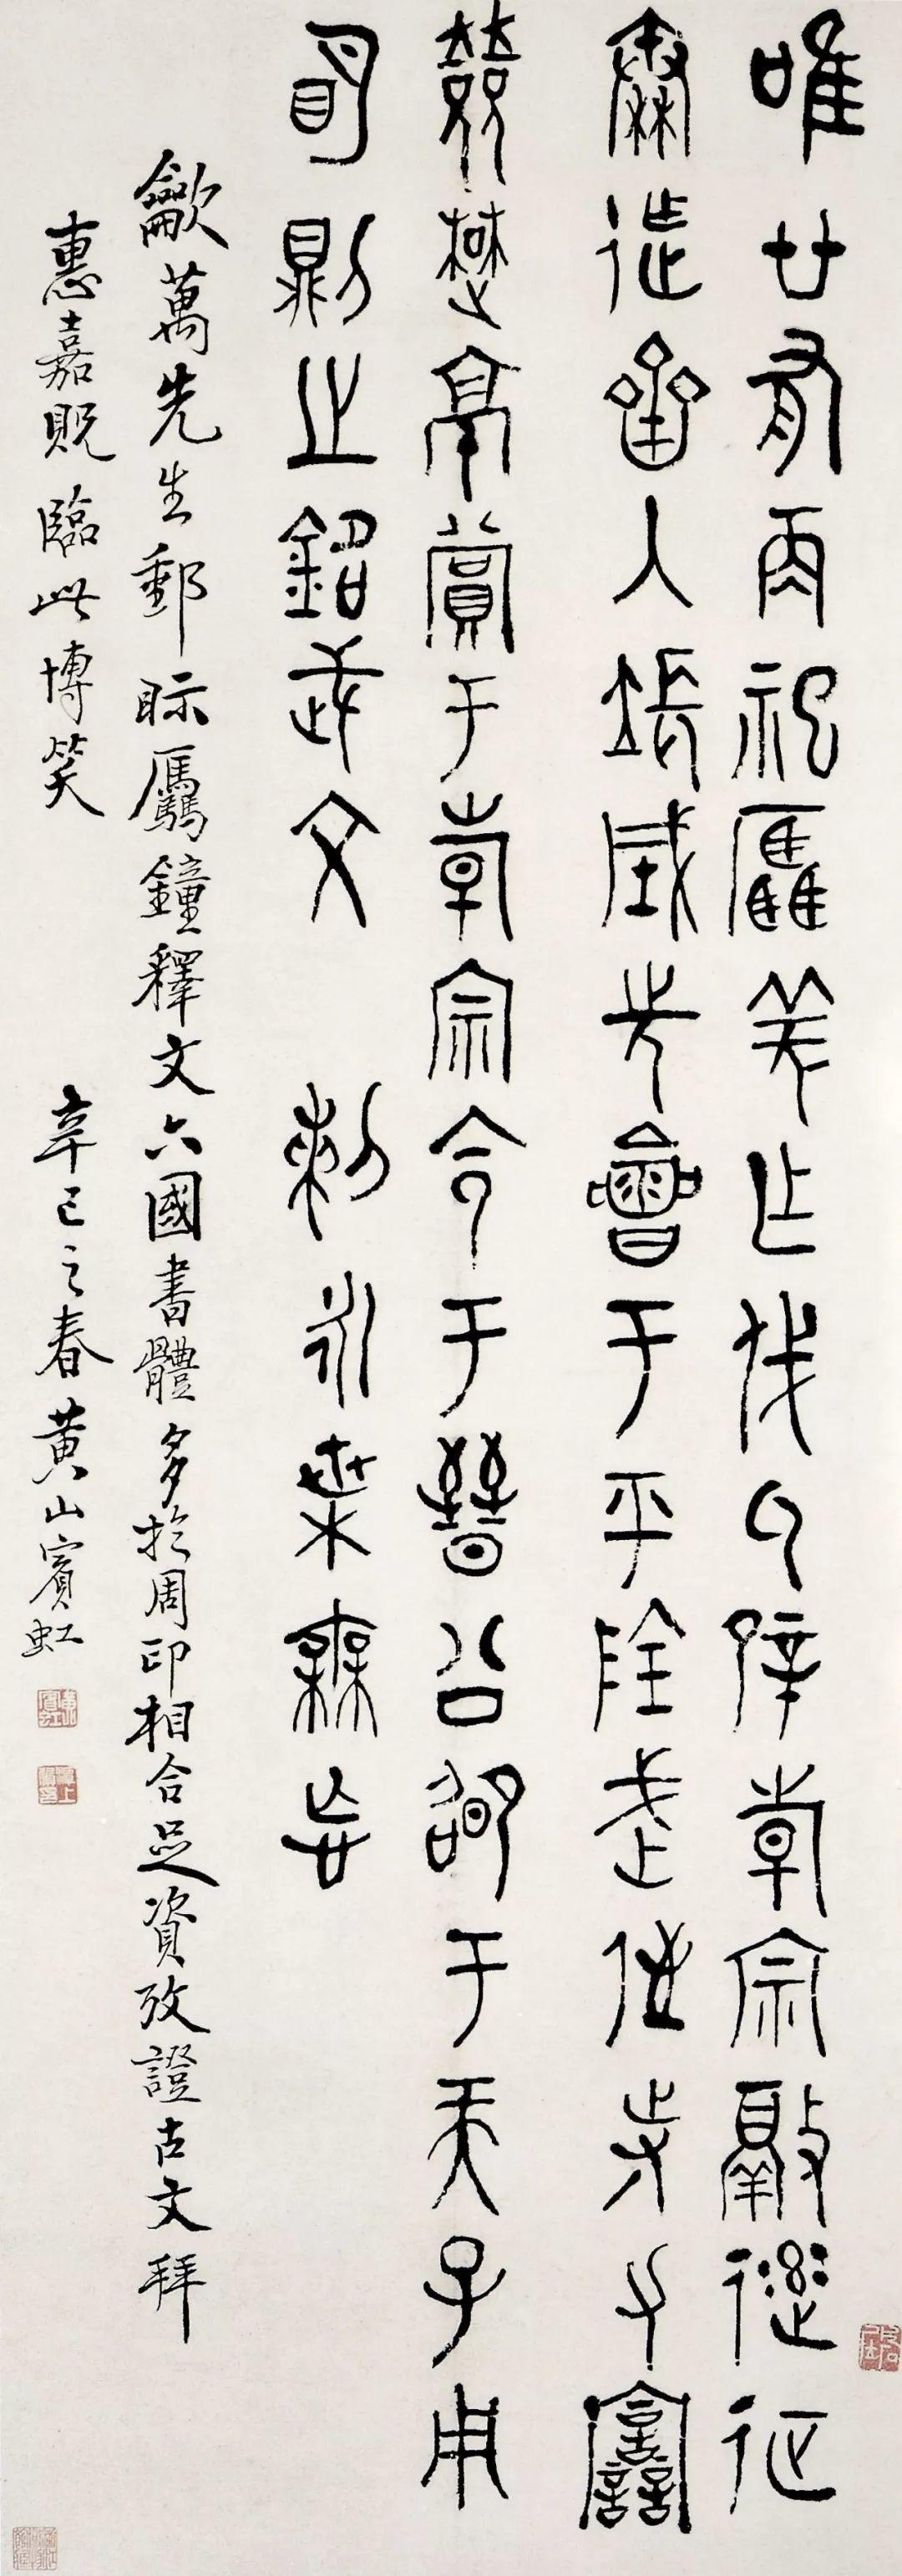 黄宾虹老师金文书法欣赏